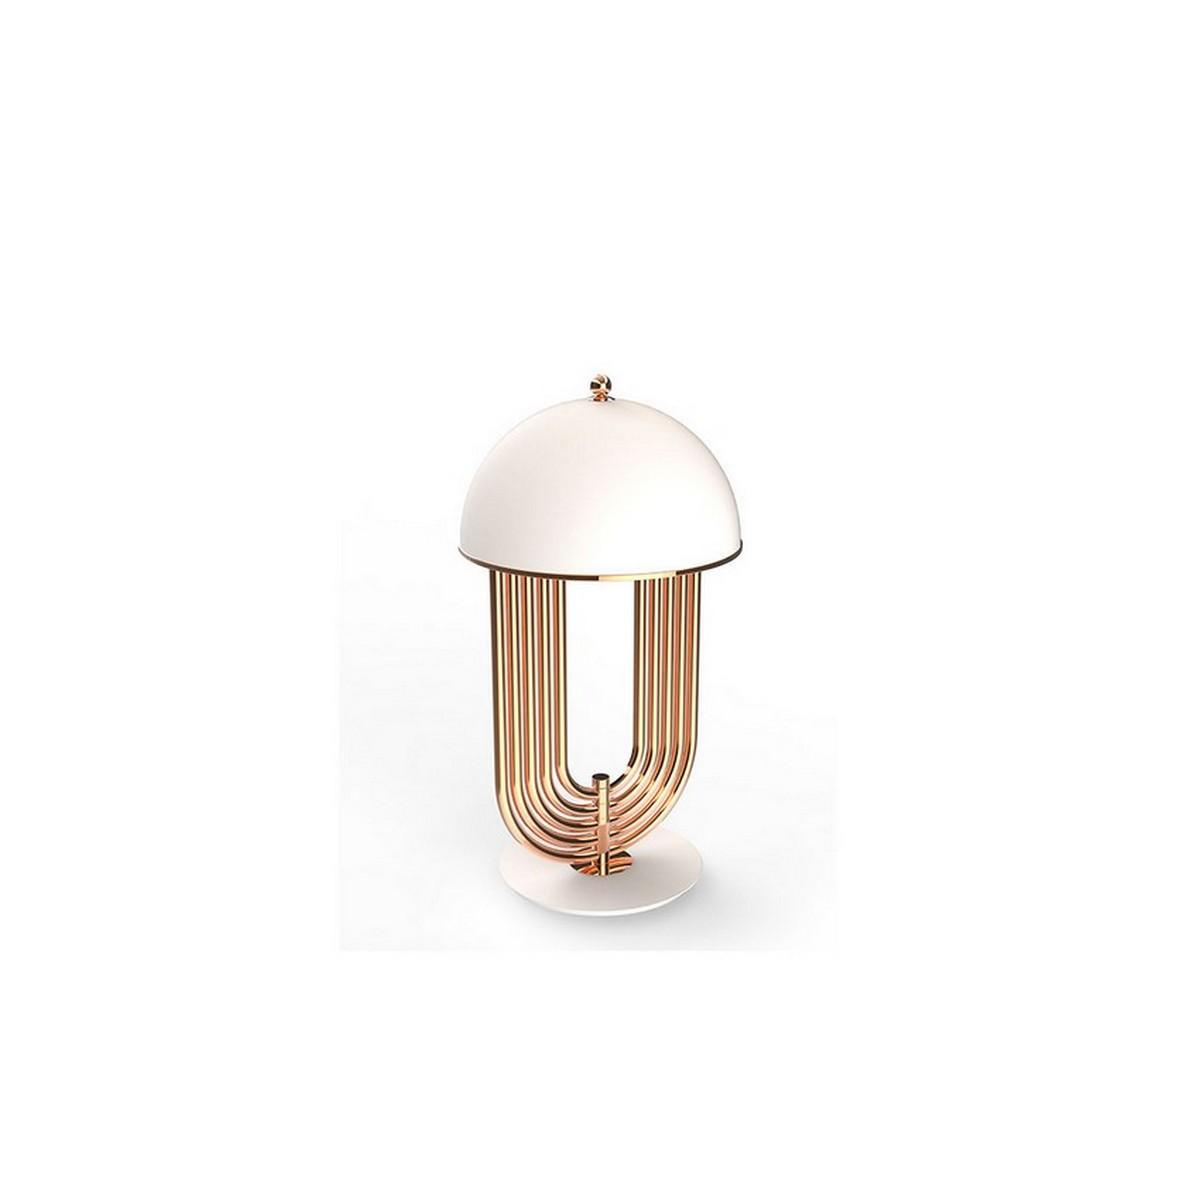 Ideas de Navidad elegantes para 2020 ideas de navidad Ideas de Navidad elegantes para 2020 turner table lamp delightfull 01